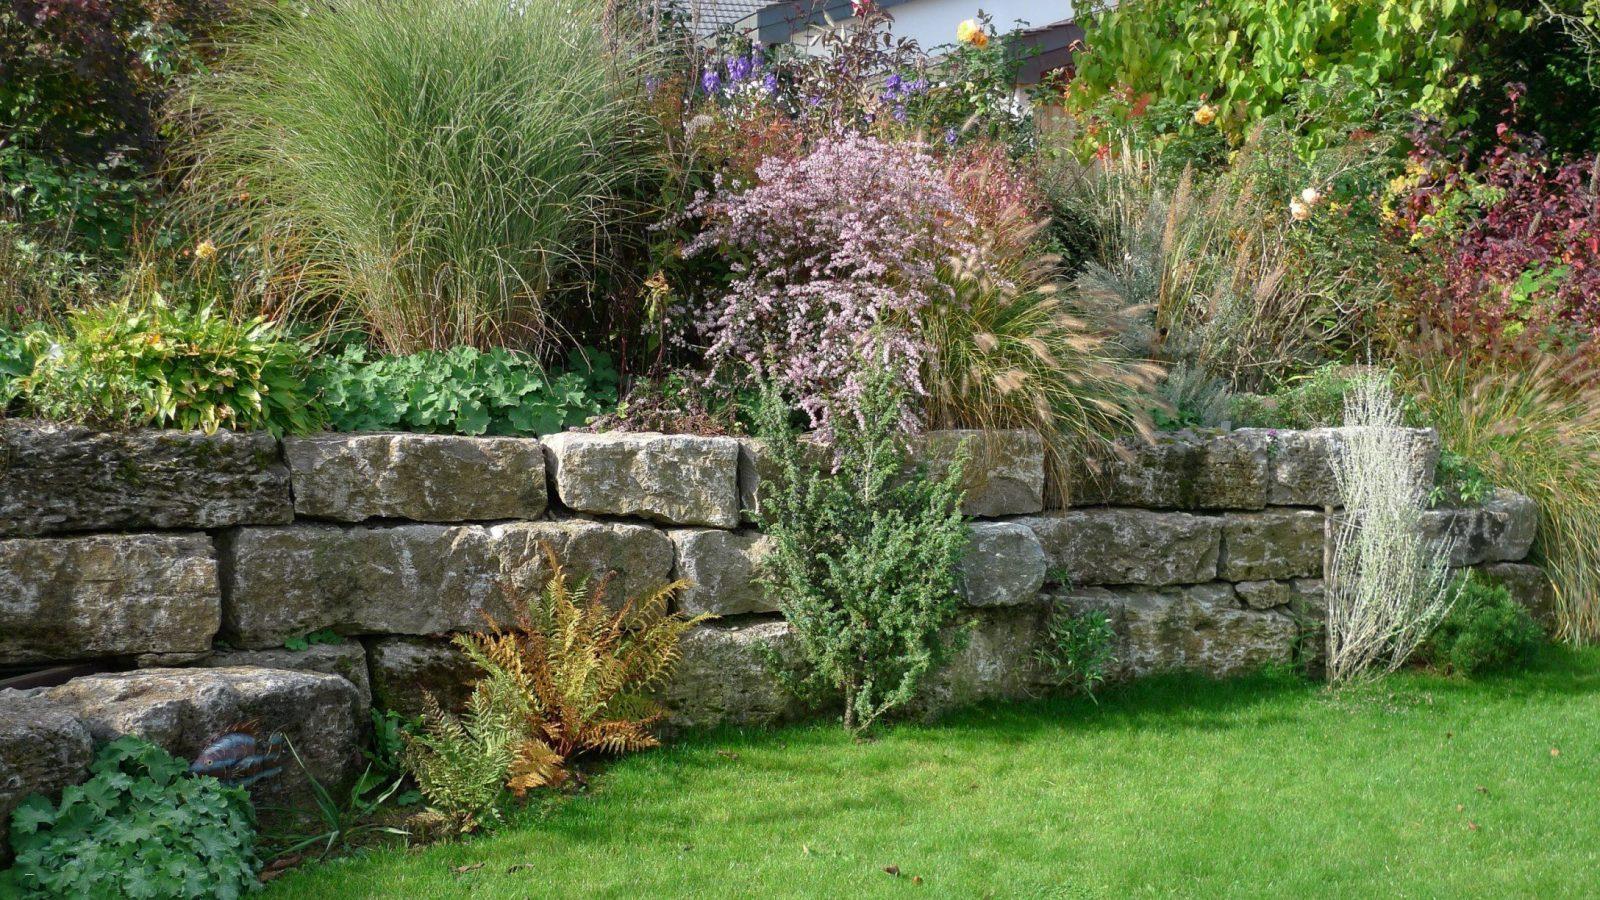 Gartengestaltung Ideen Mit Steinen Inspirierend Gartengestaltung von Gartengestaltung Mit Steinen Am Hang Bild